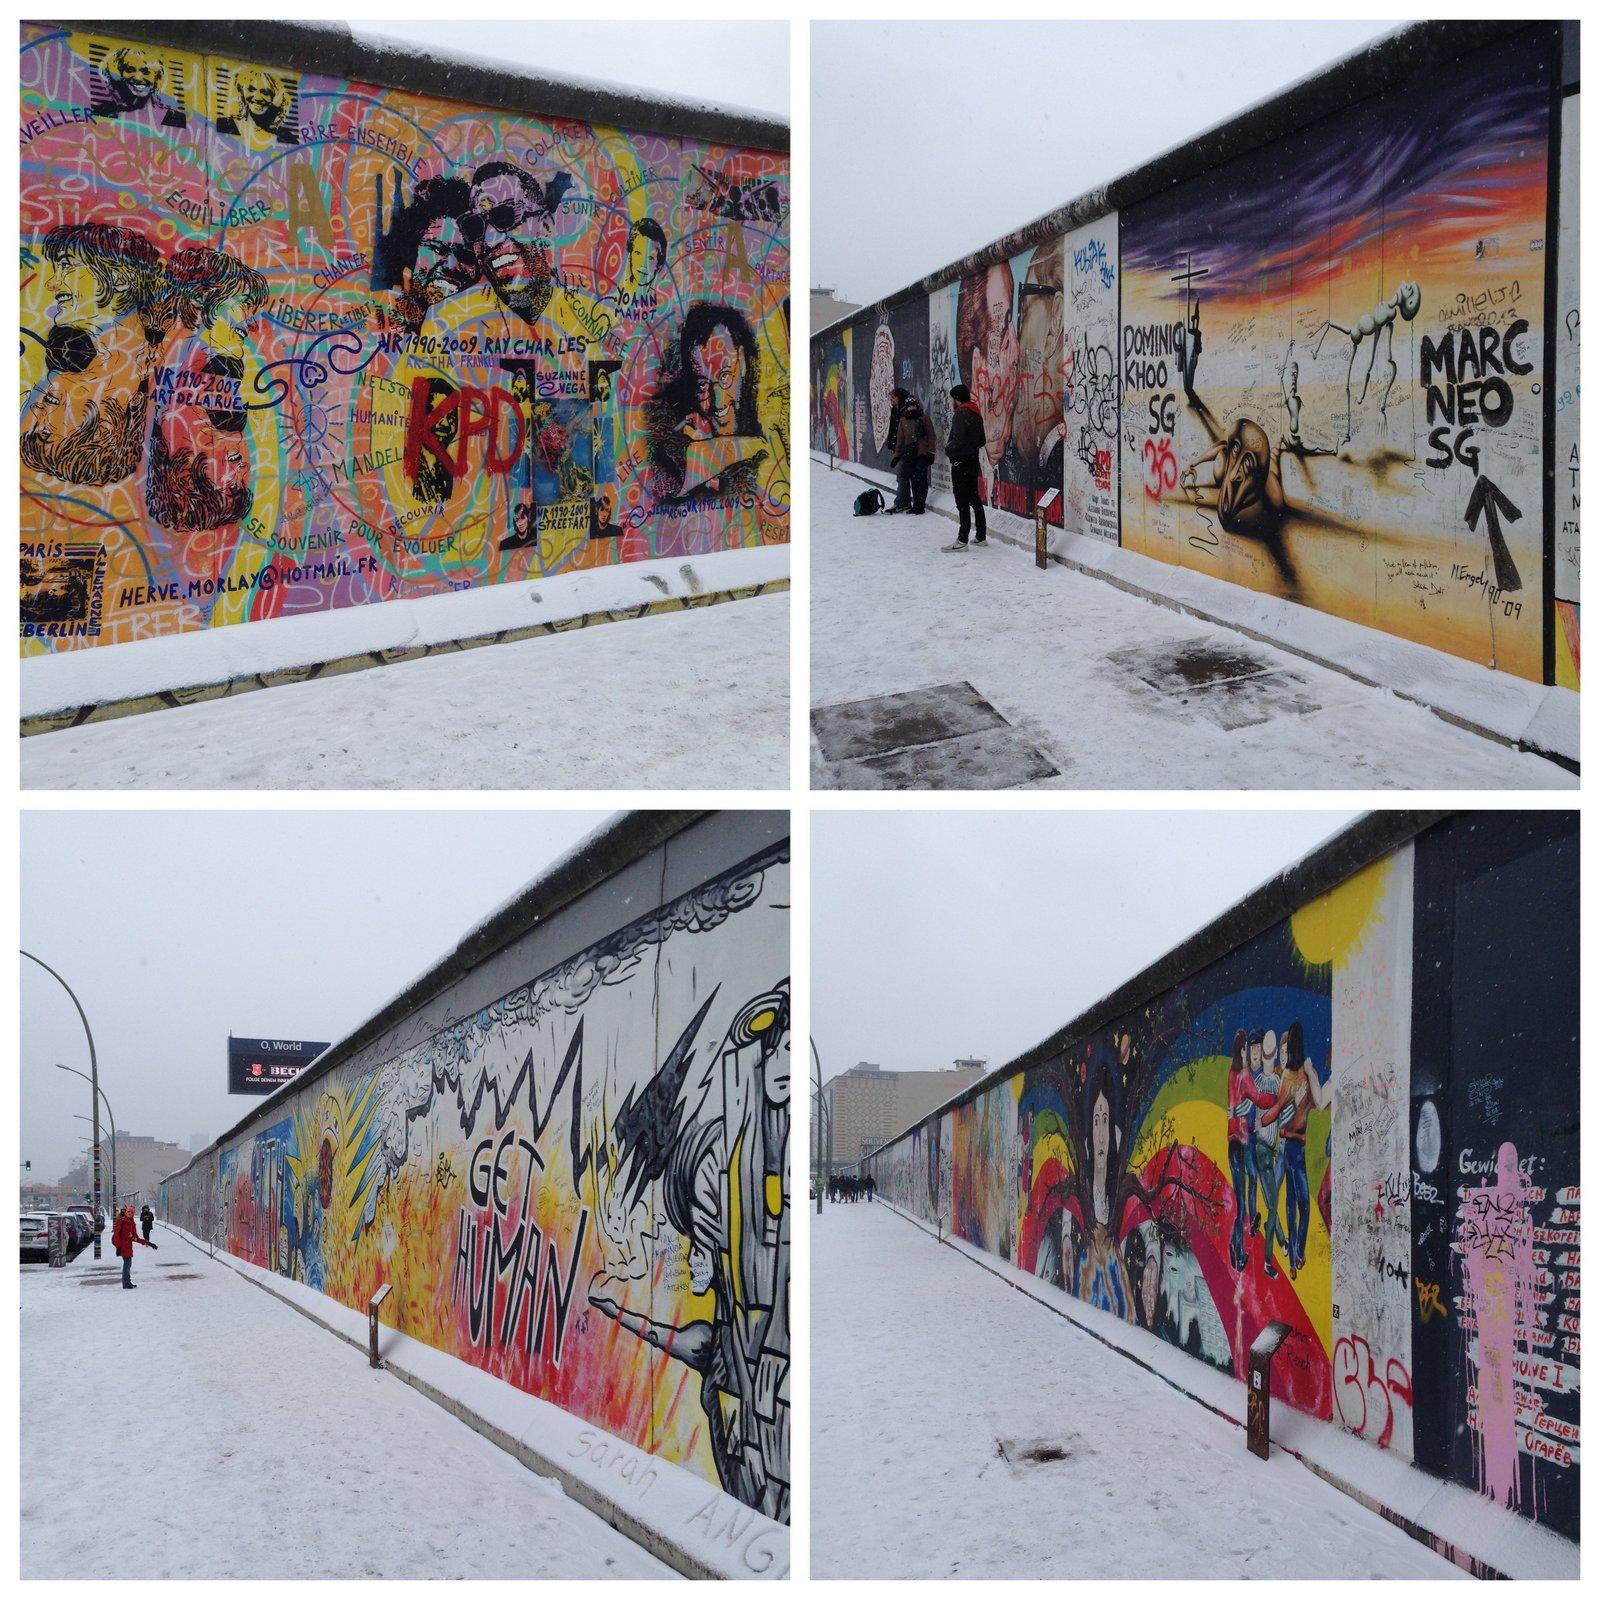 La East Side Gallery en Berlín bajo la nieve en 2014